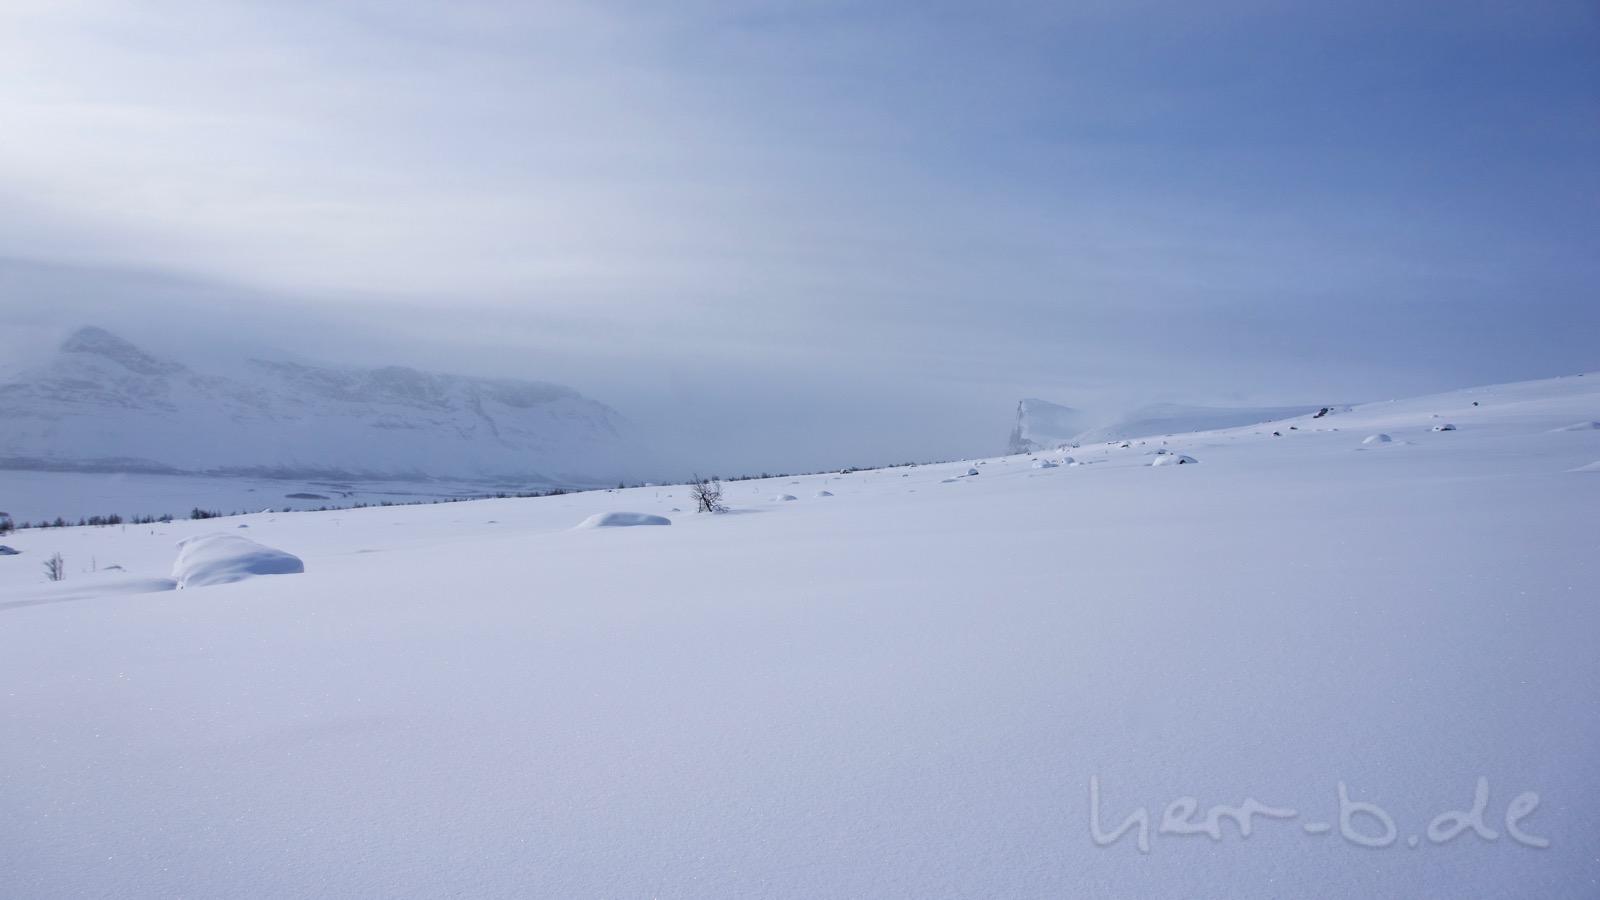 Erster Blick auf den Berg Skierffe.